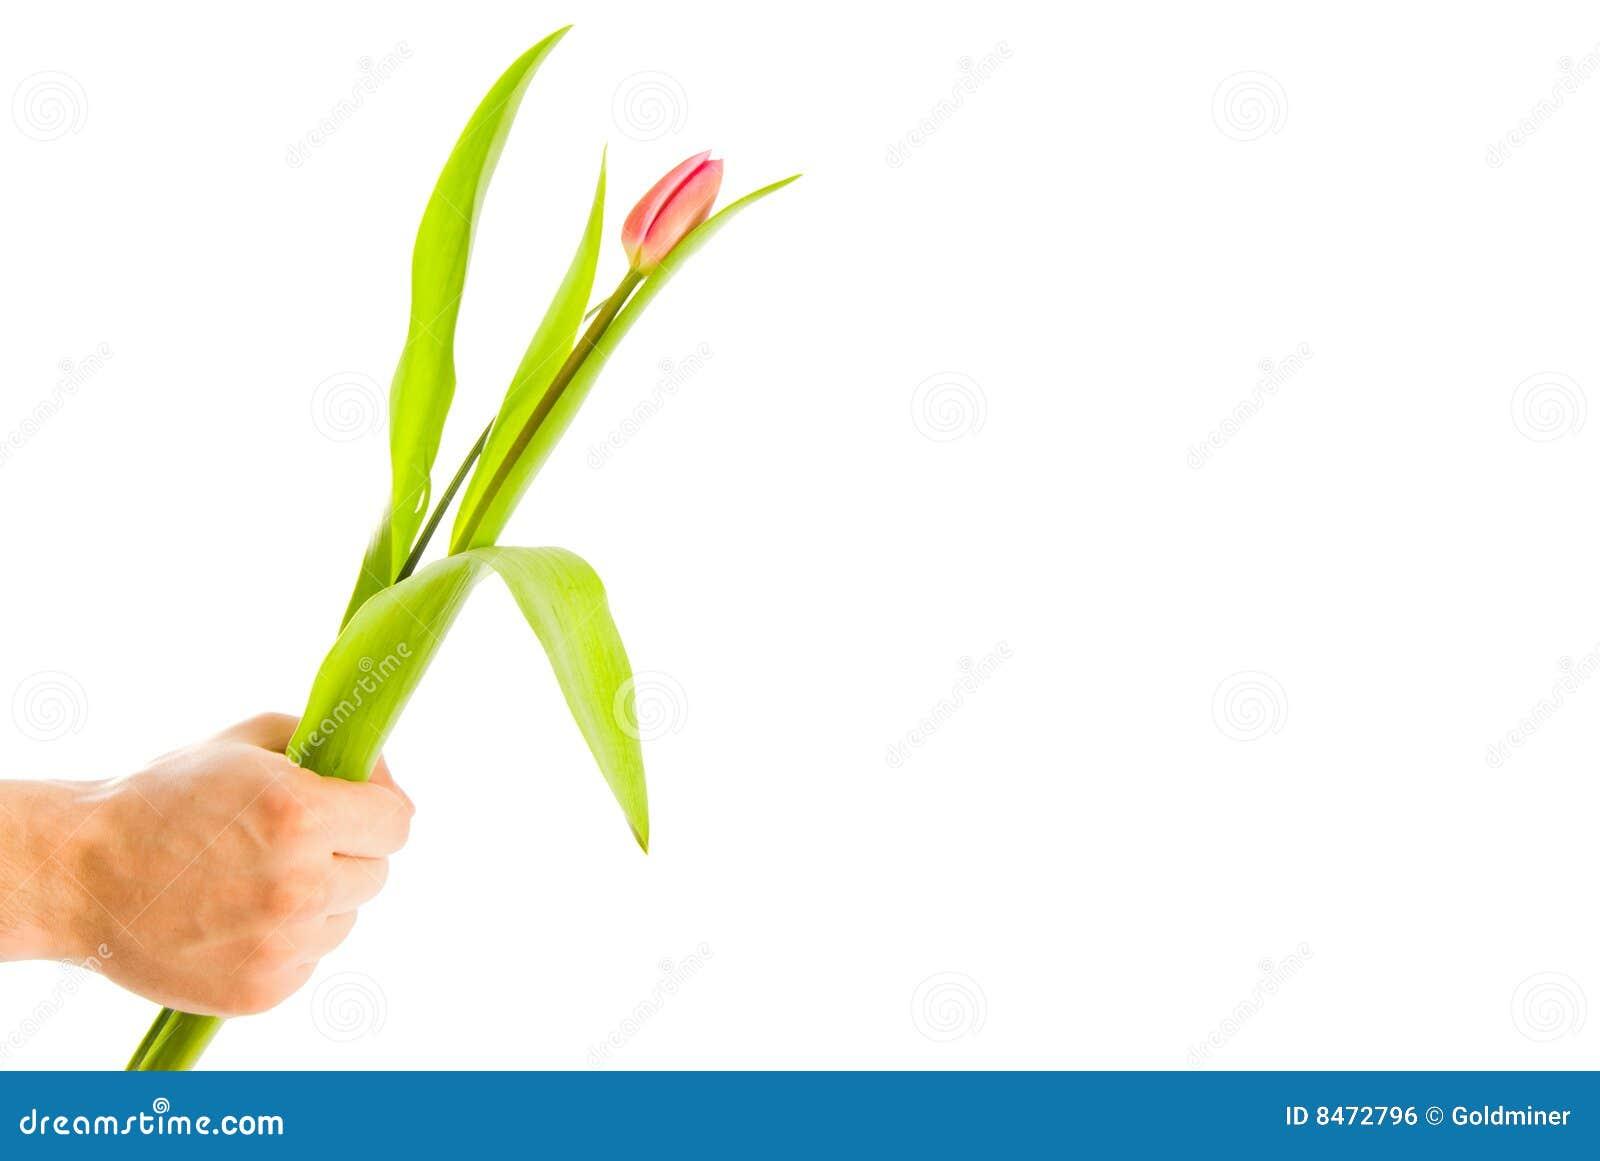 Blommor hand isolerad manwhite